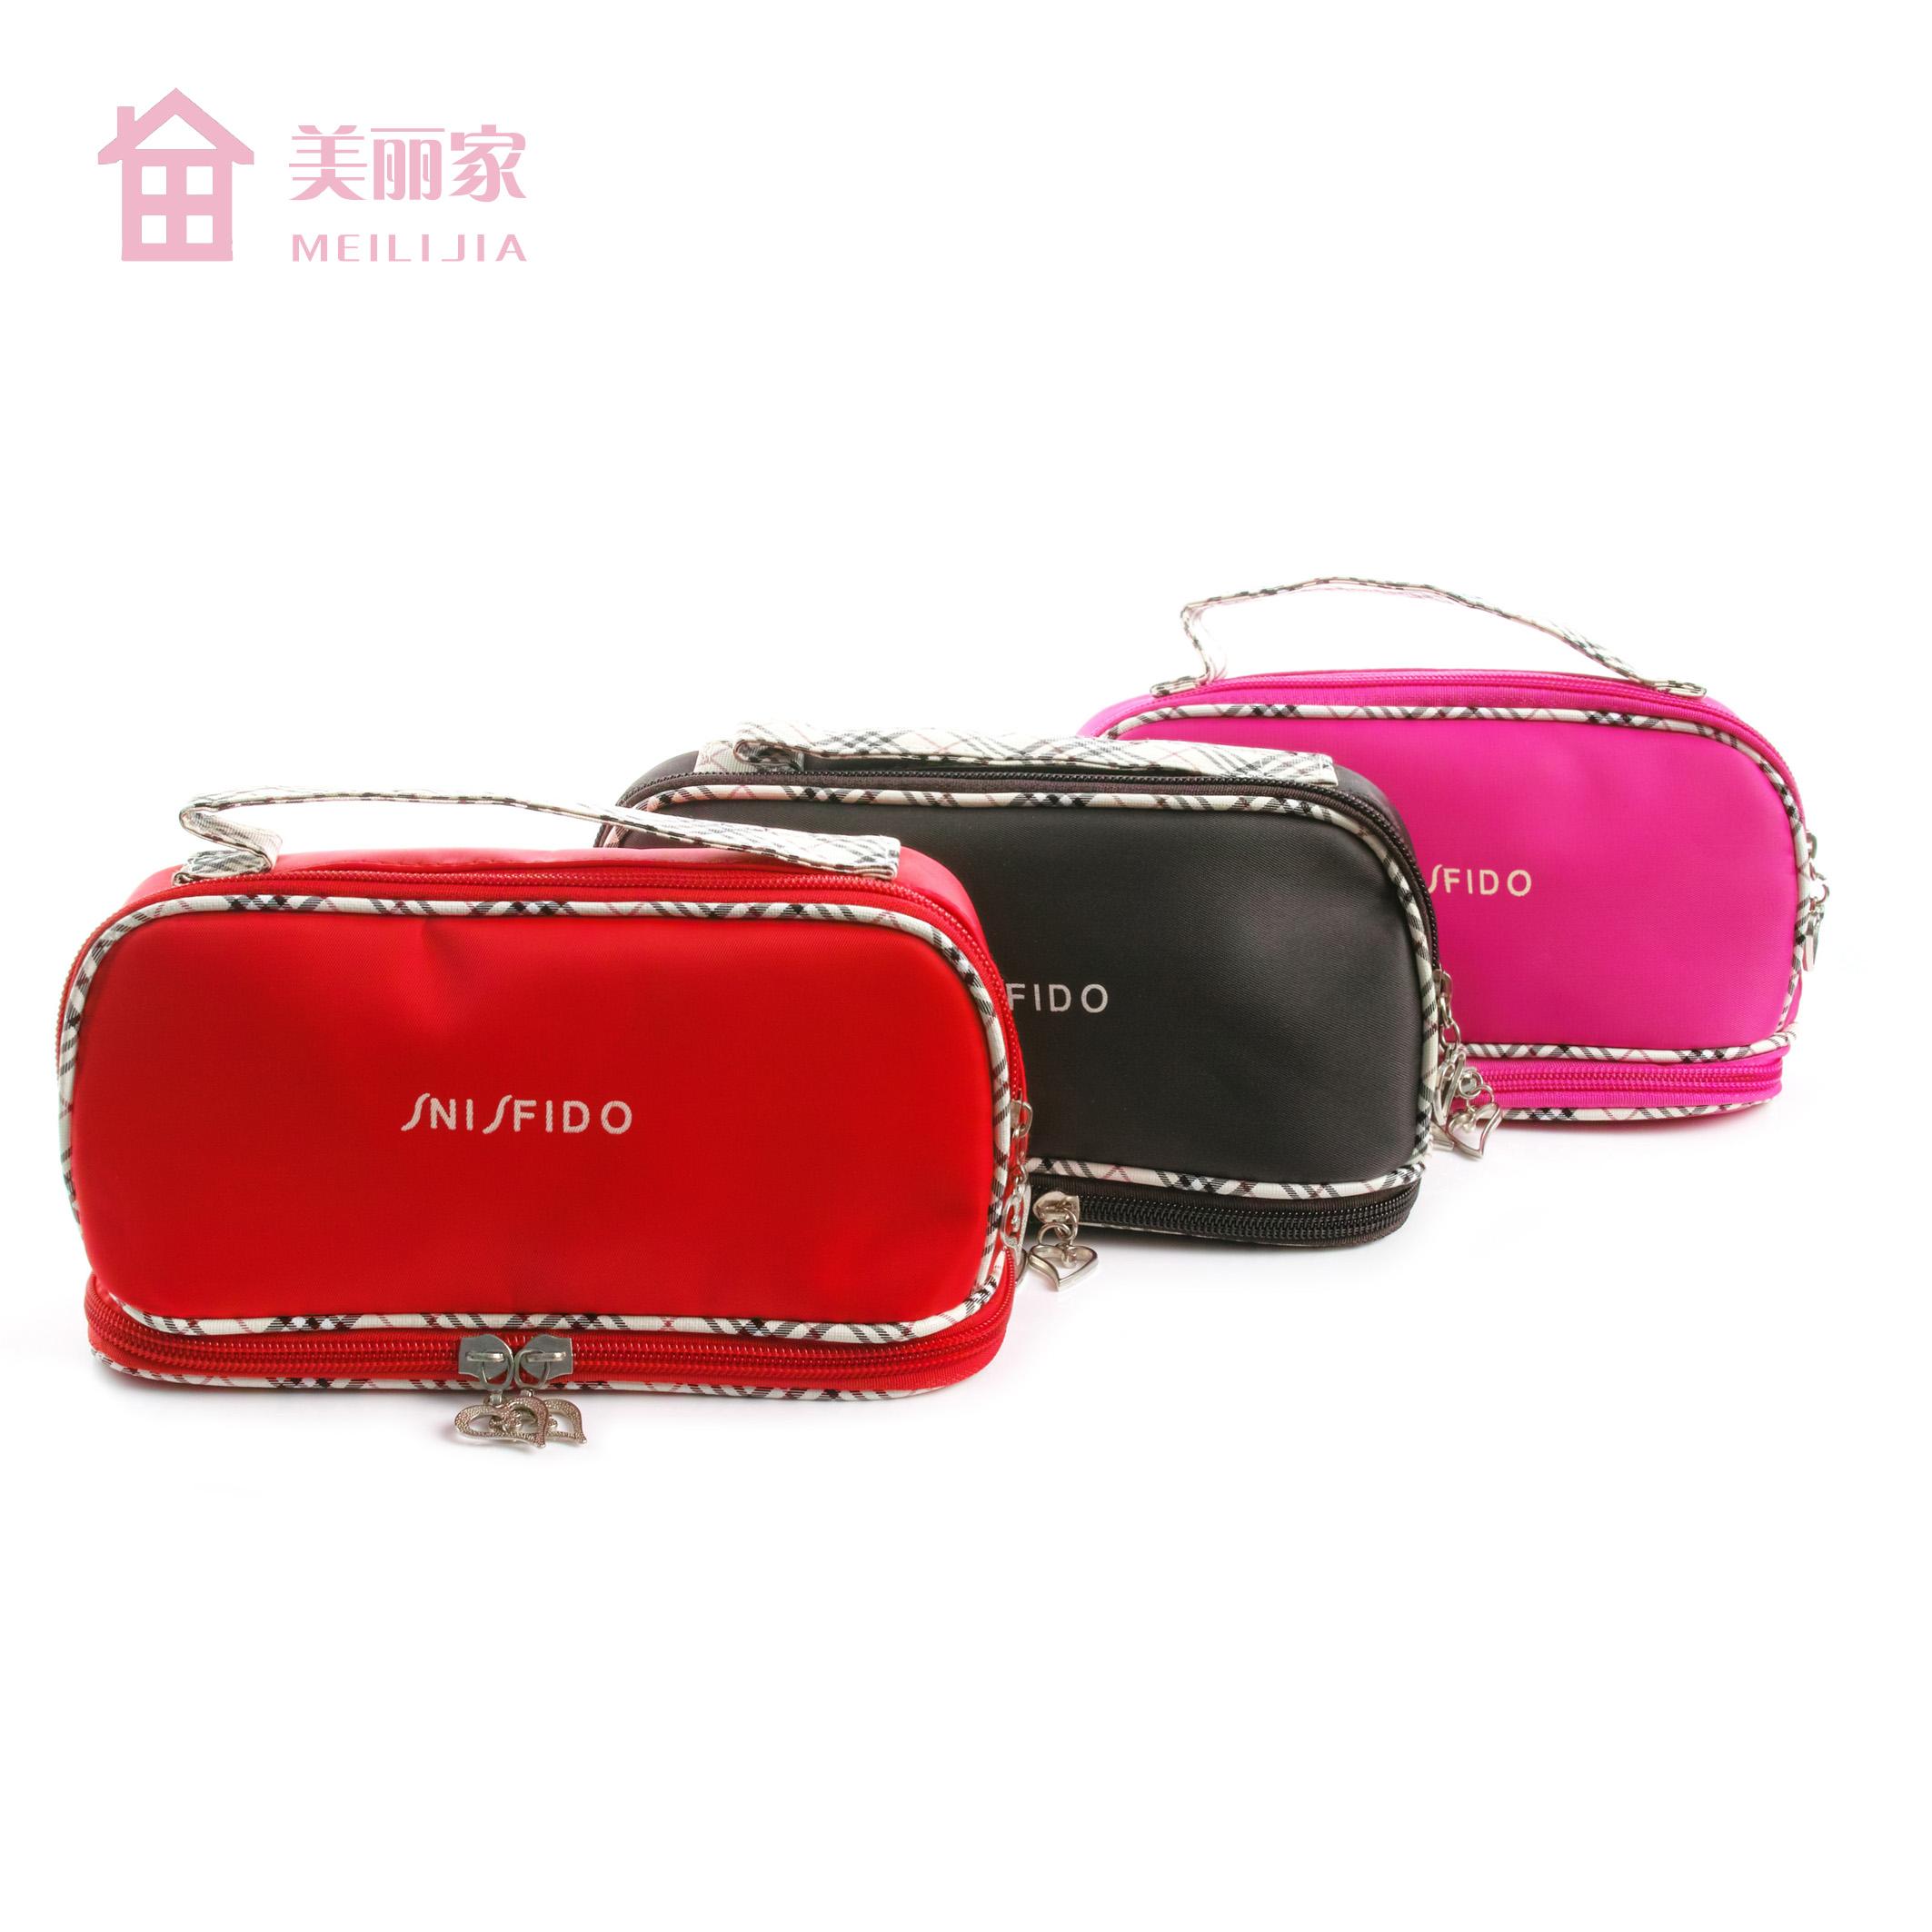 Korean cosmetic bag storage bag womens large capacity cosmetic bag small hand bag Portable Mini Cosmetic Bag